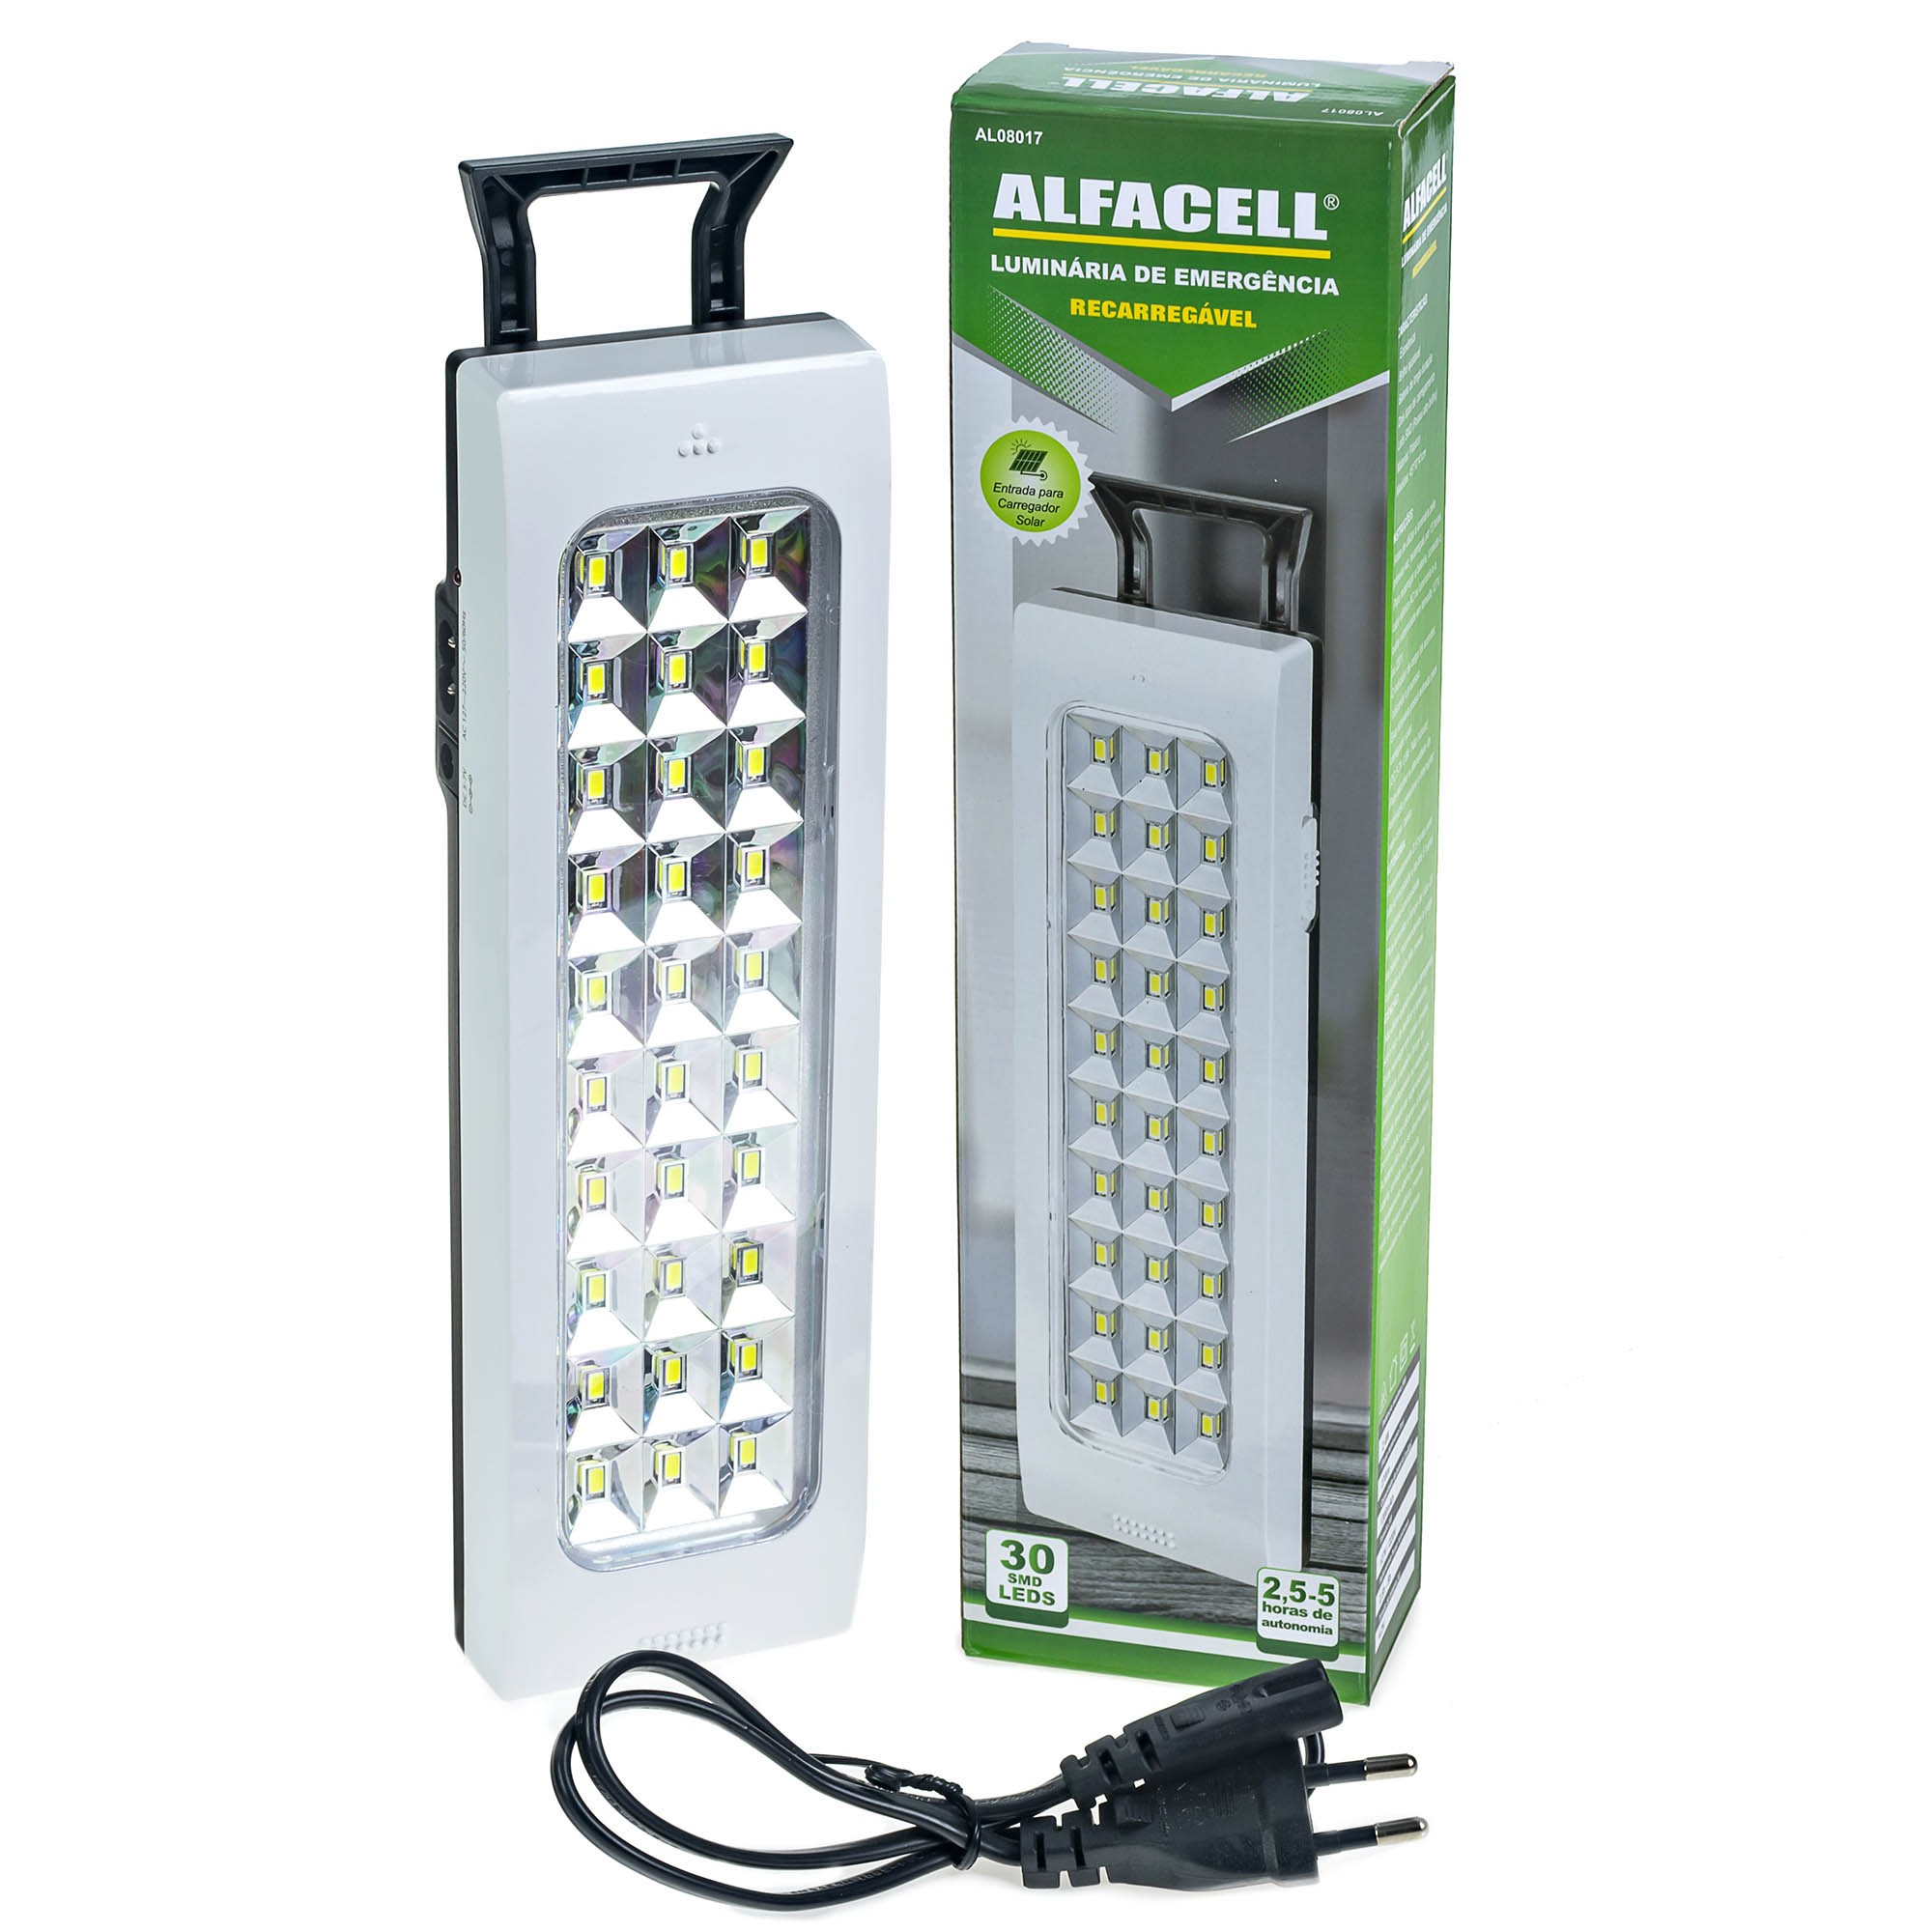 Luminária Luz De Emergência 30 Leds Recarregável Bivolt Entrada Para Carregador Solar - Alfacell